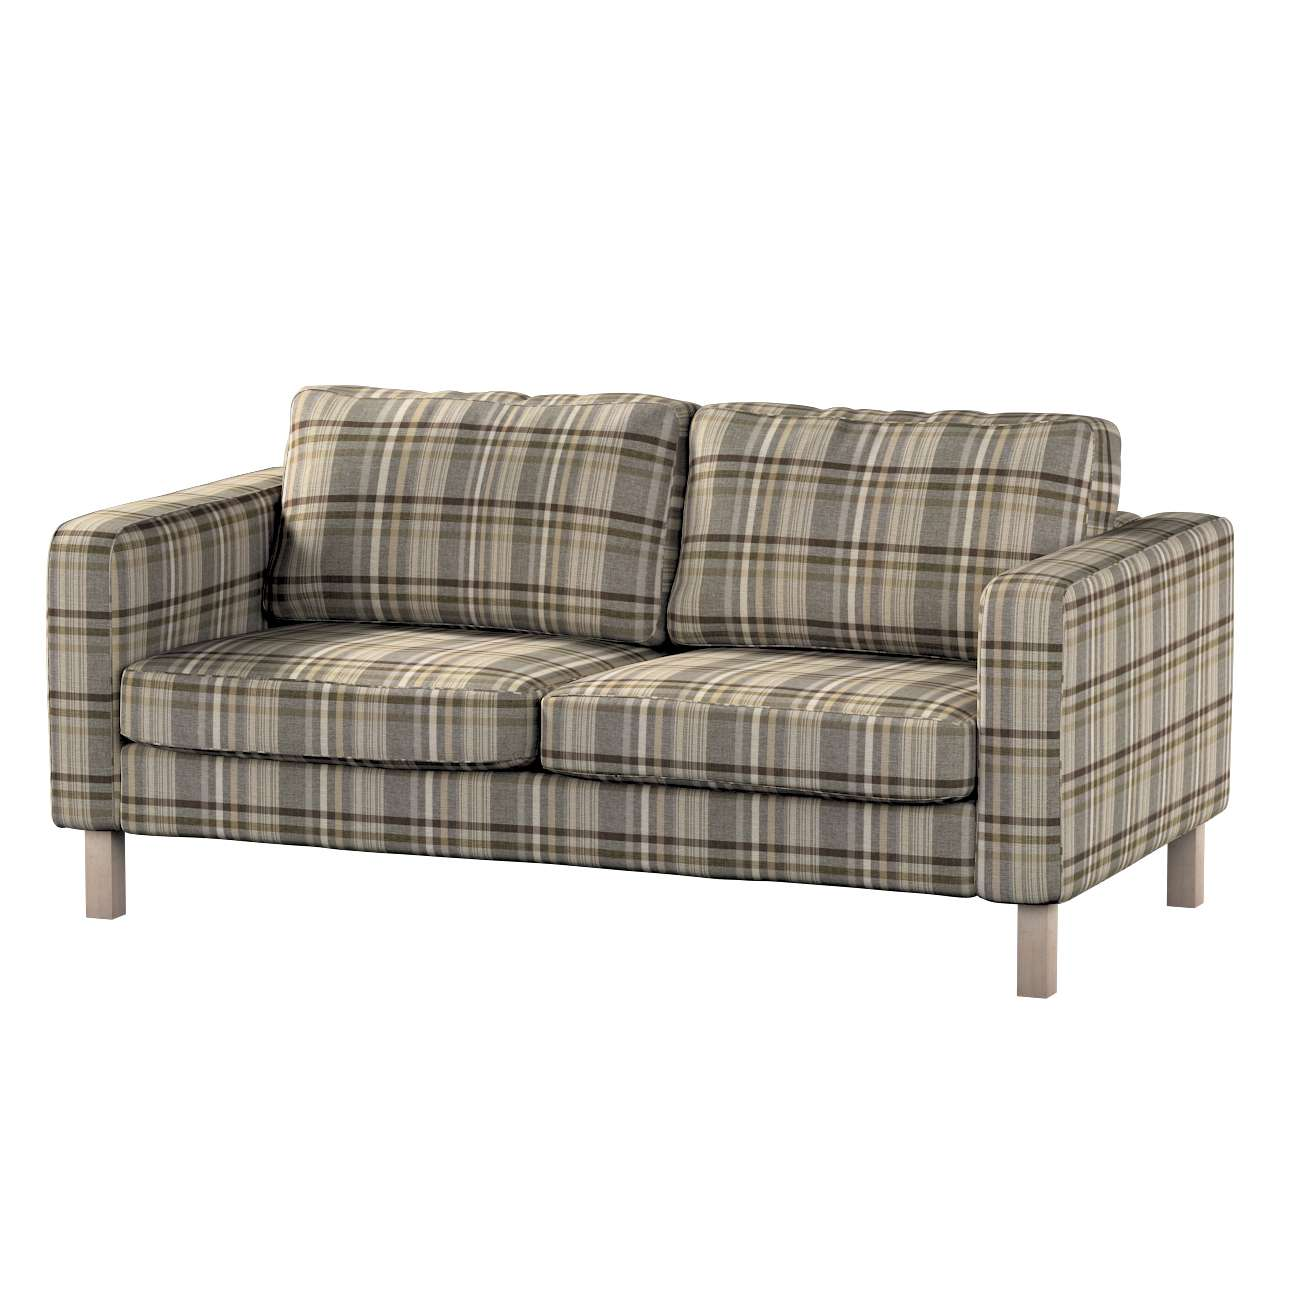 Pokrowiec na sofę Karlstad 2-osobową nierozkładaną krótki w kolekcji Edinburgh, tkanina: 703-17